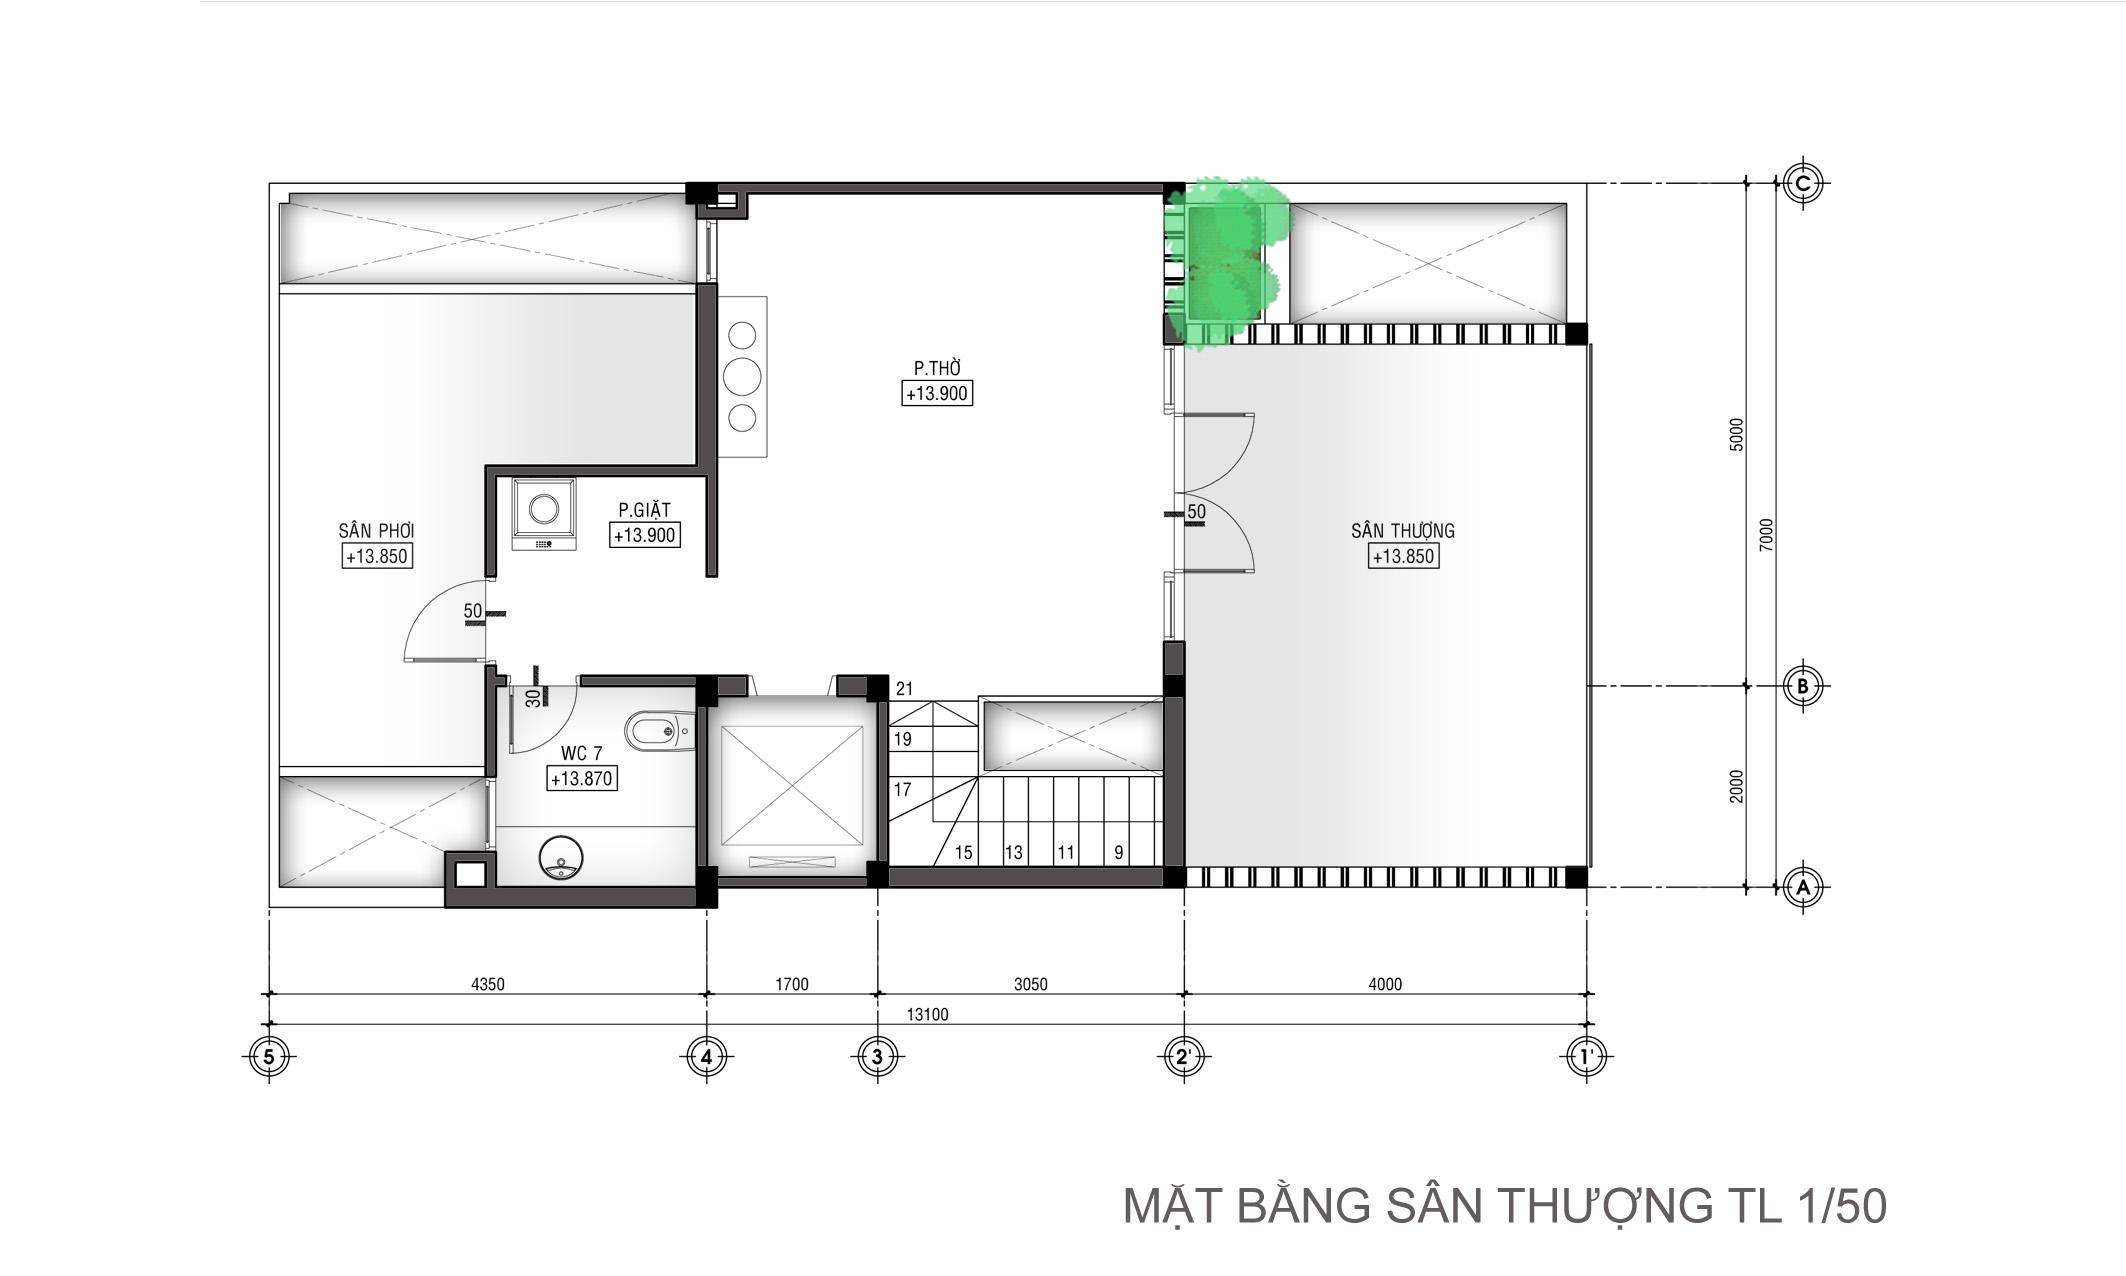 Thiết kế nhà ống hiện đại 3 tầng 7x15m công năng linh hoạt - 6